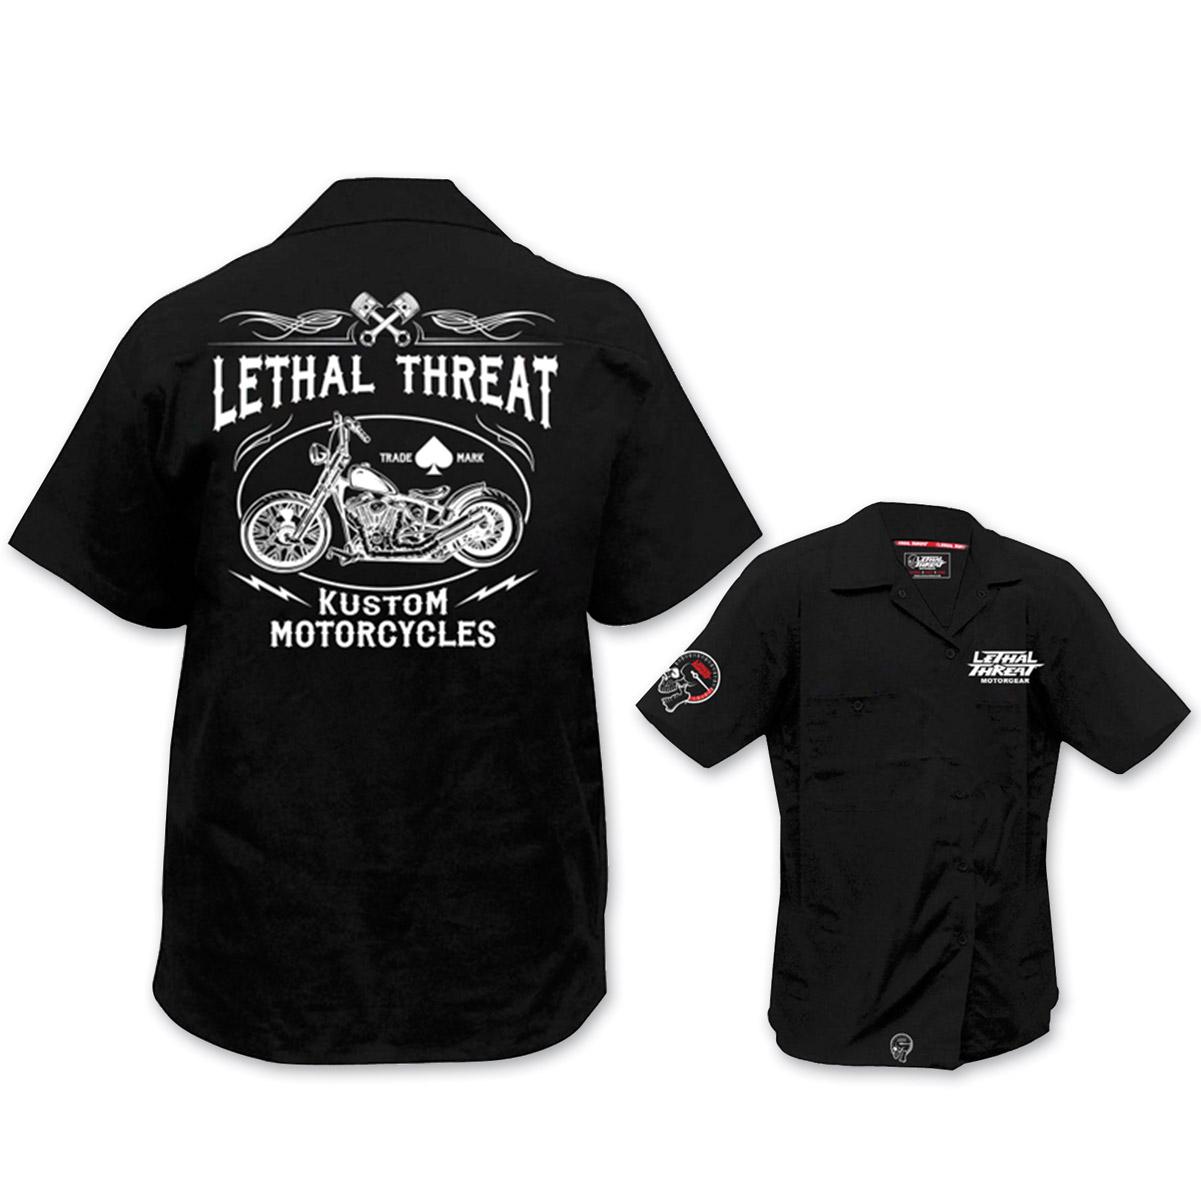 Lethal Threat Men's Kustom Motorcycle Black Work Shirt